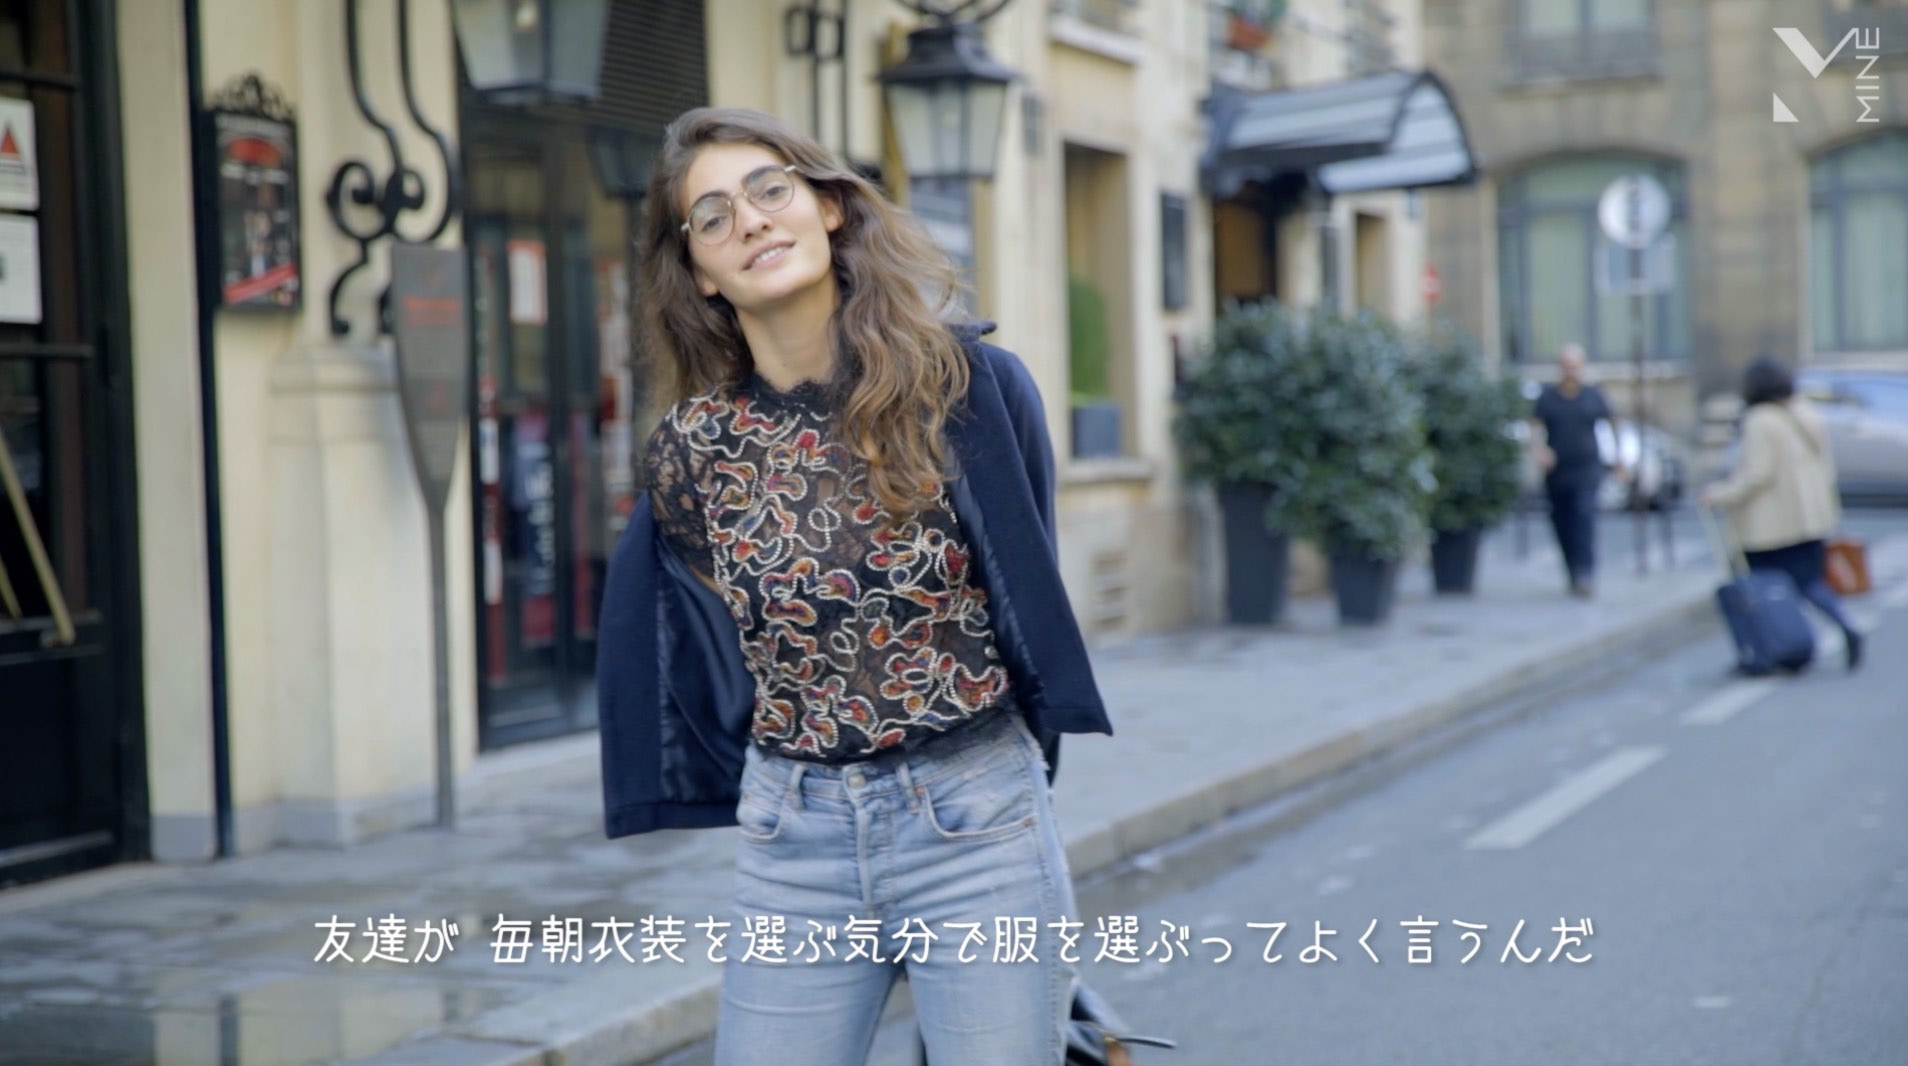 【Paris】ミックススタイルで叶う、パリジェンヌ風こなれ感コーデ